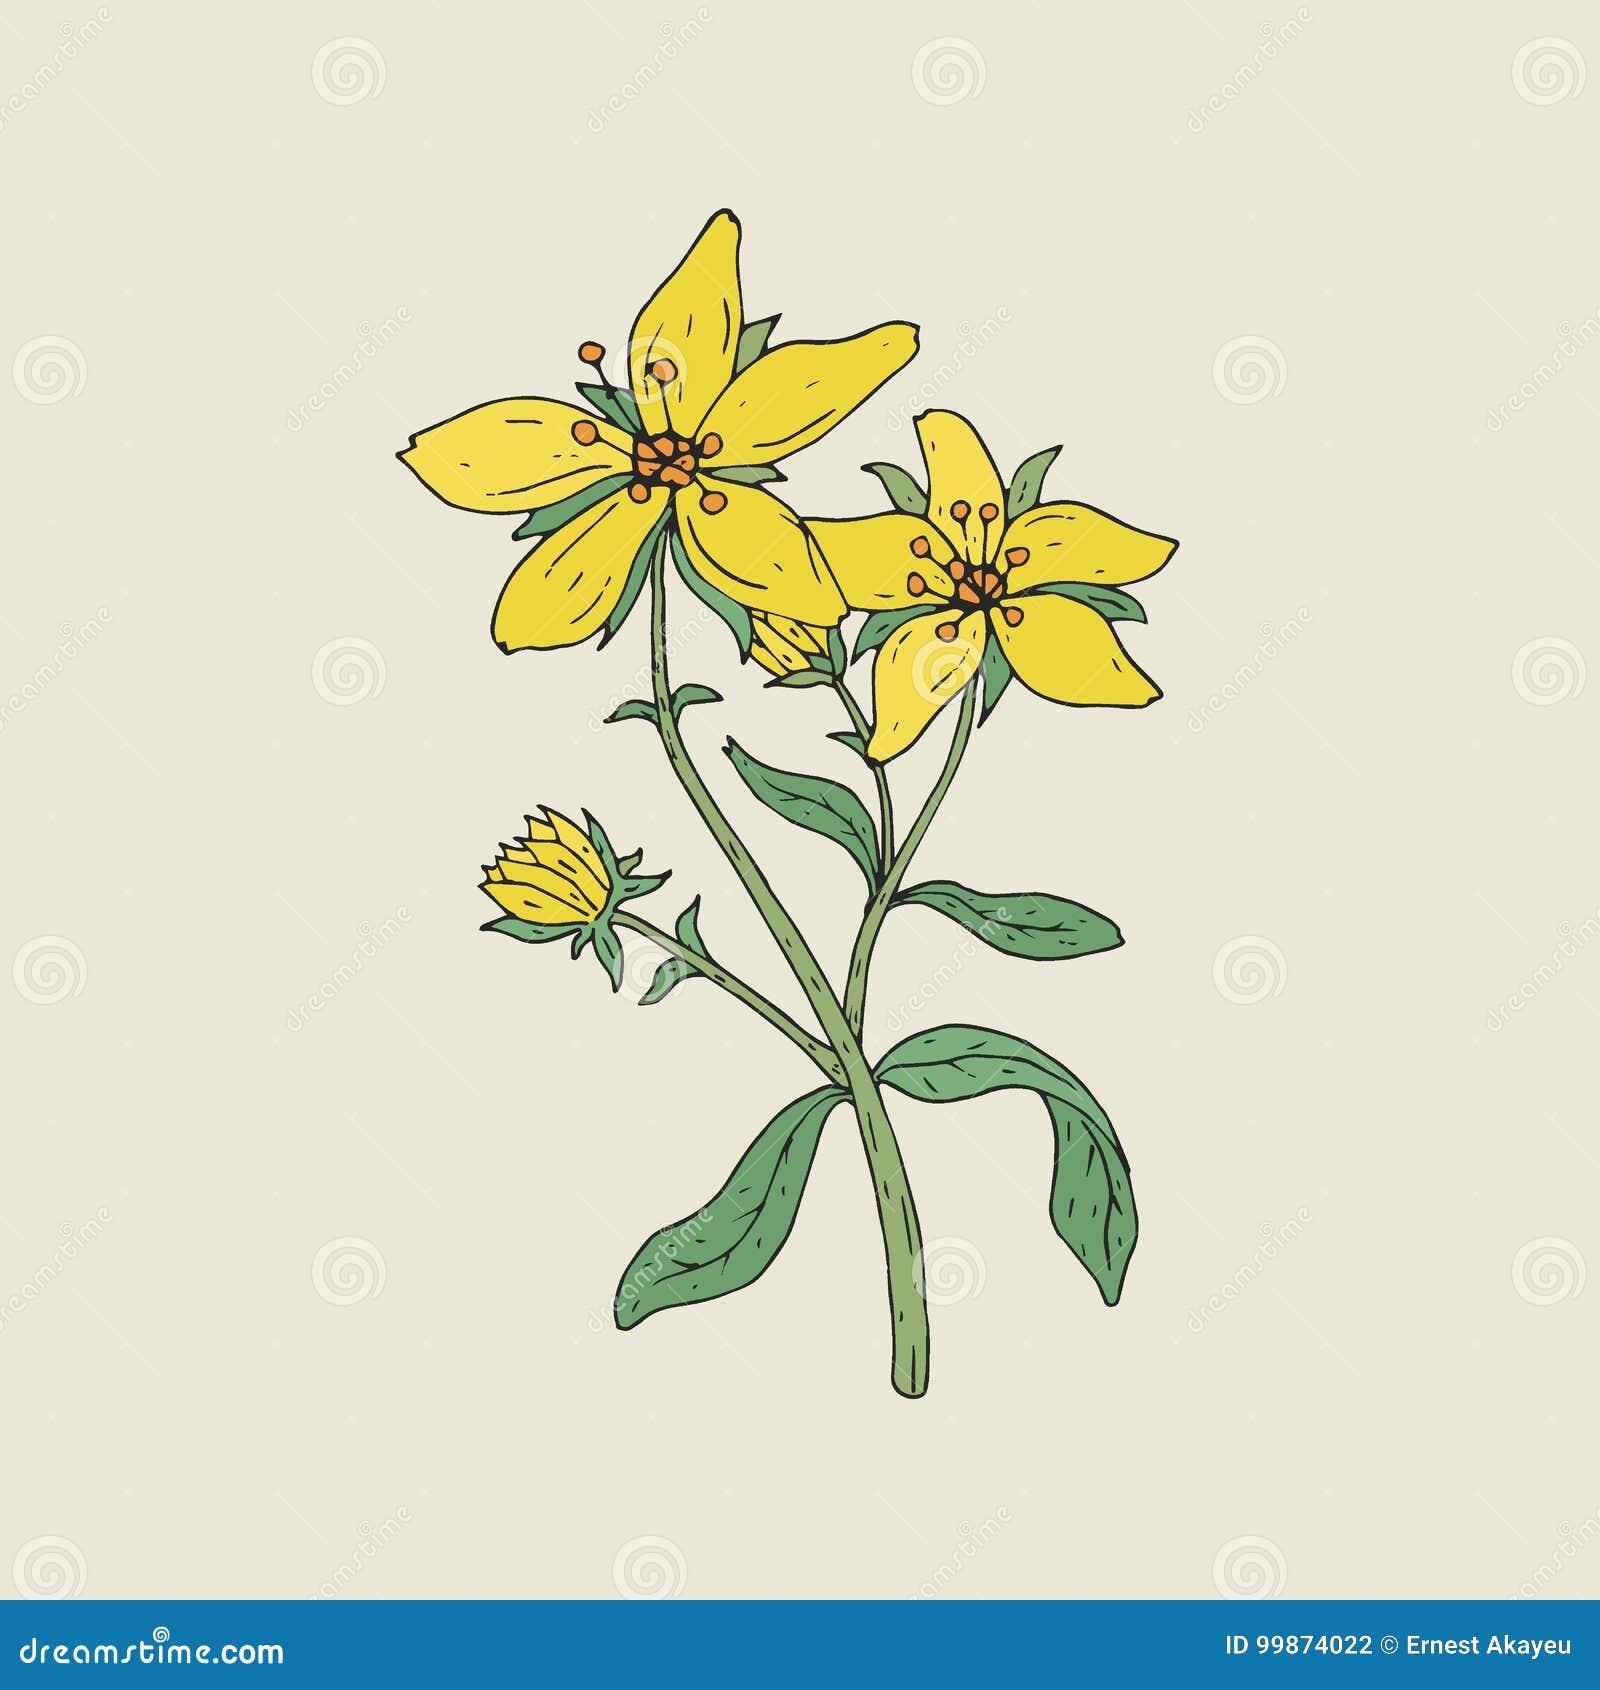 Bunte botanische Zeichnung von Würze Johannes s in der Blüte Zartes gelbes Blumenwachsen auf grünem Stamm mit der Blatthand